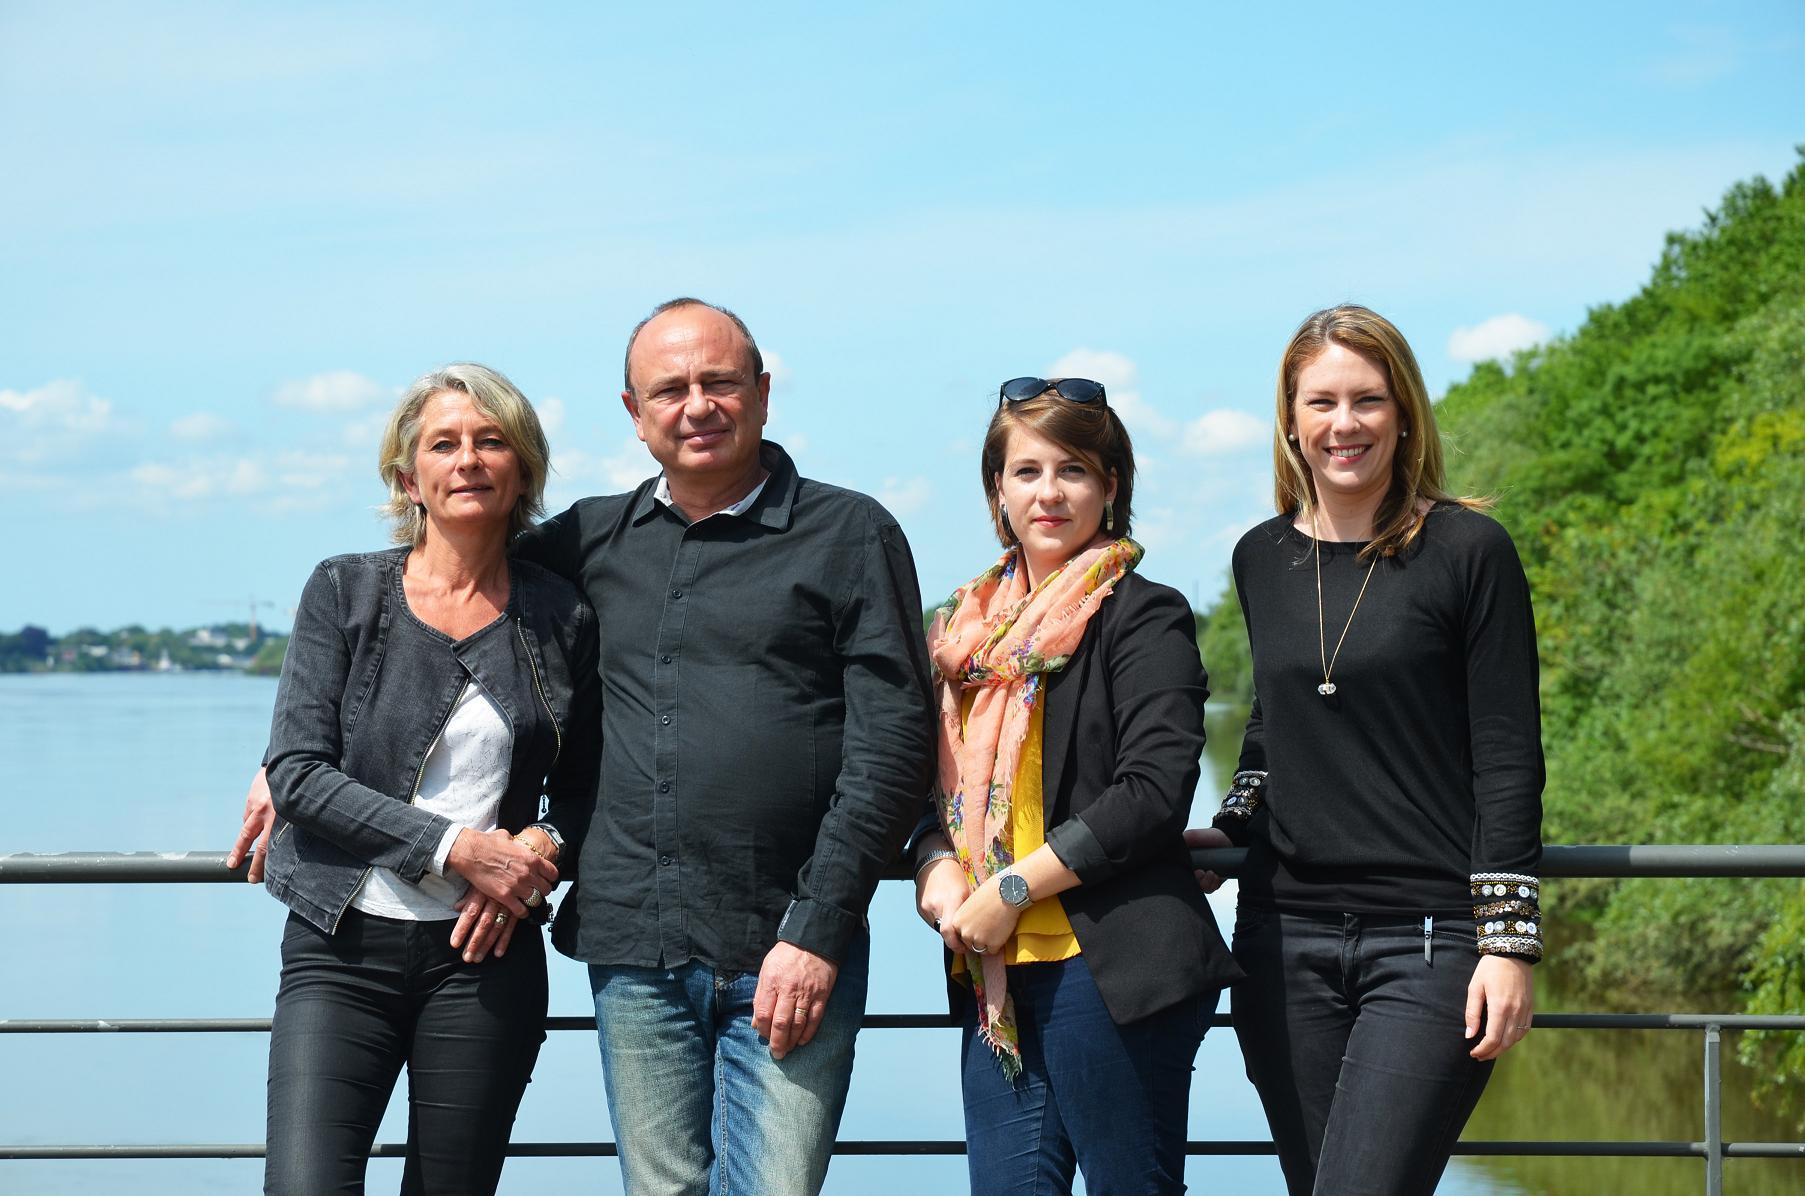 L'équipe d'Hotelgroupes-Restogroupes, de gauche à droite : Christèle, Jean-Baptiste, Amandine et Audrey - DR : Hotelgroupes-Restogroupes